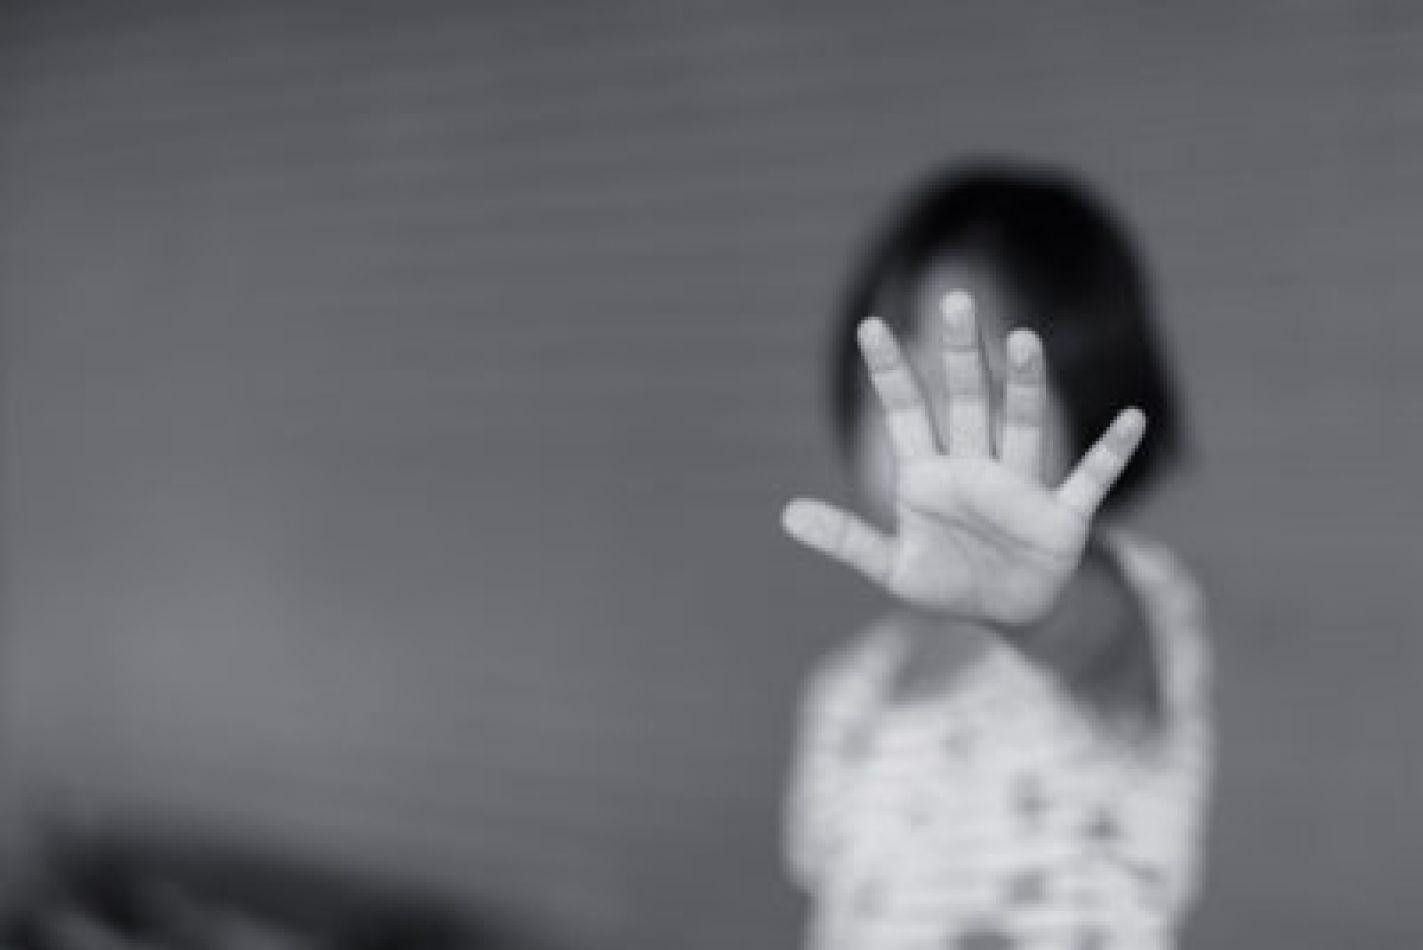 16 años de prisión por abusar en reiteradas oportunidades de una niña